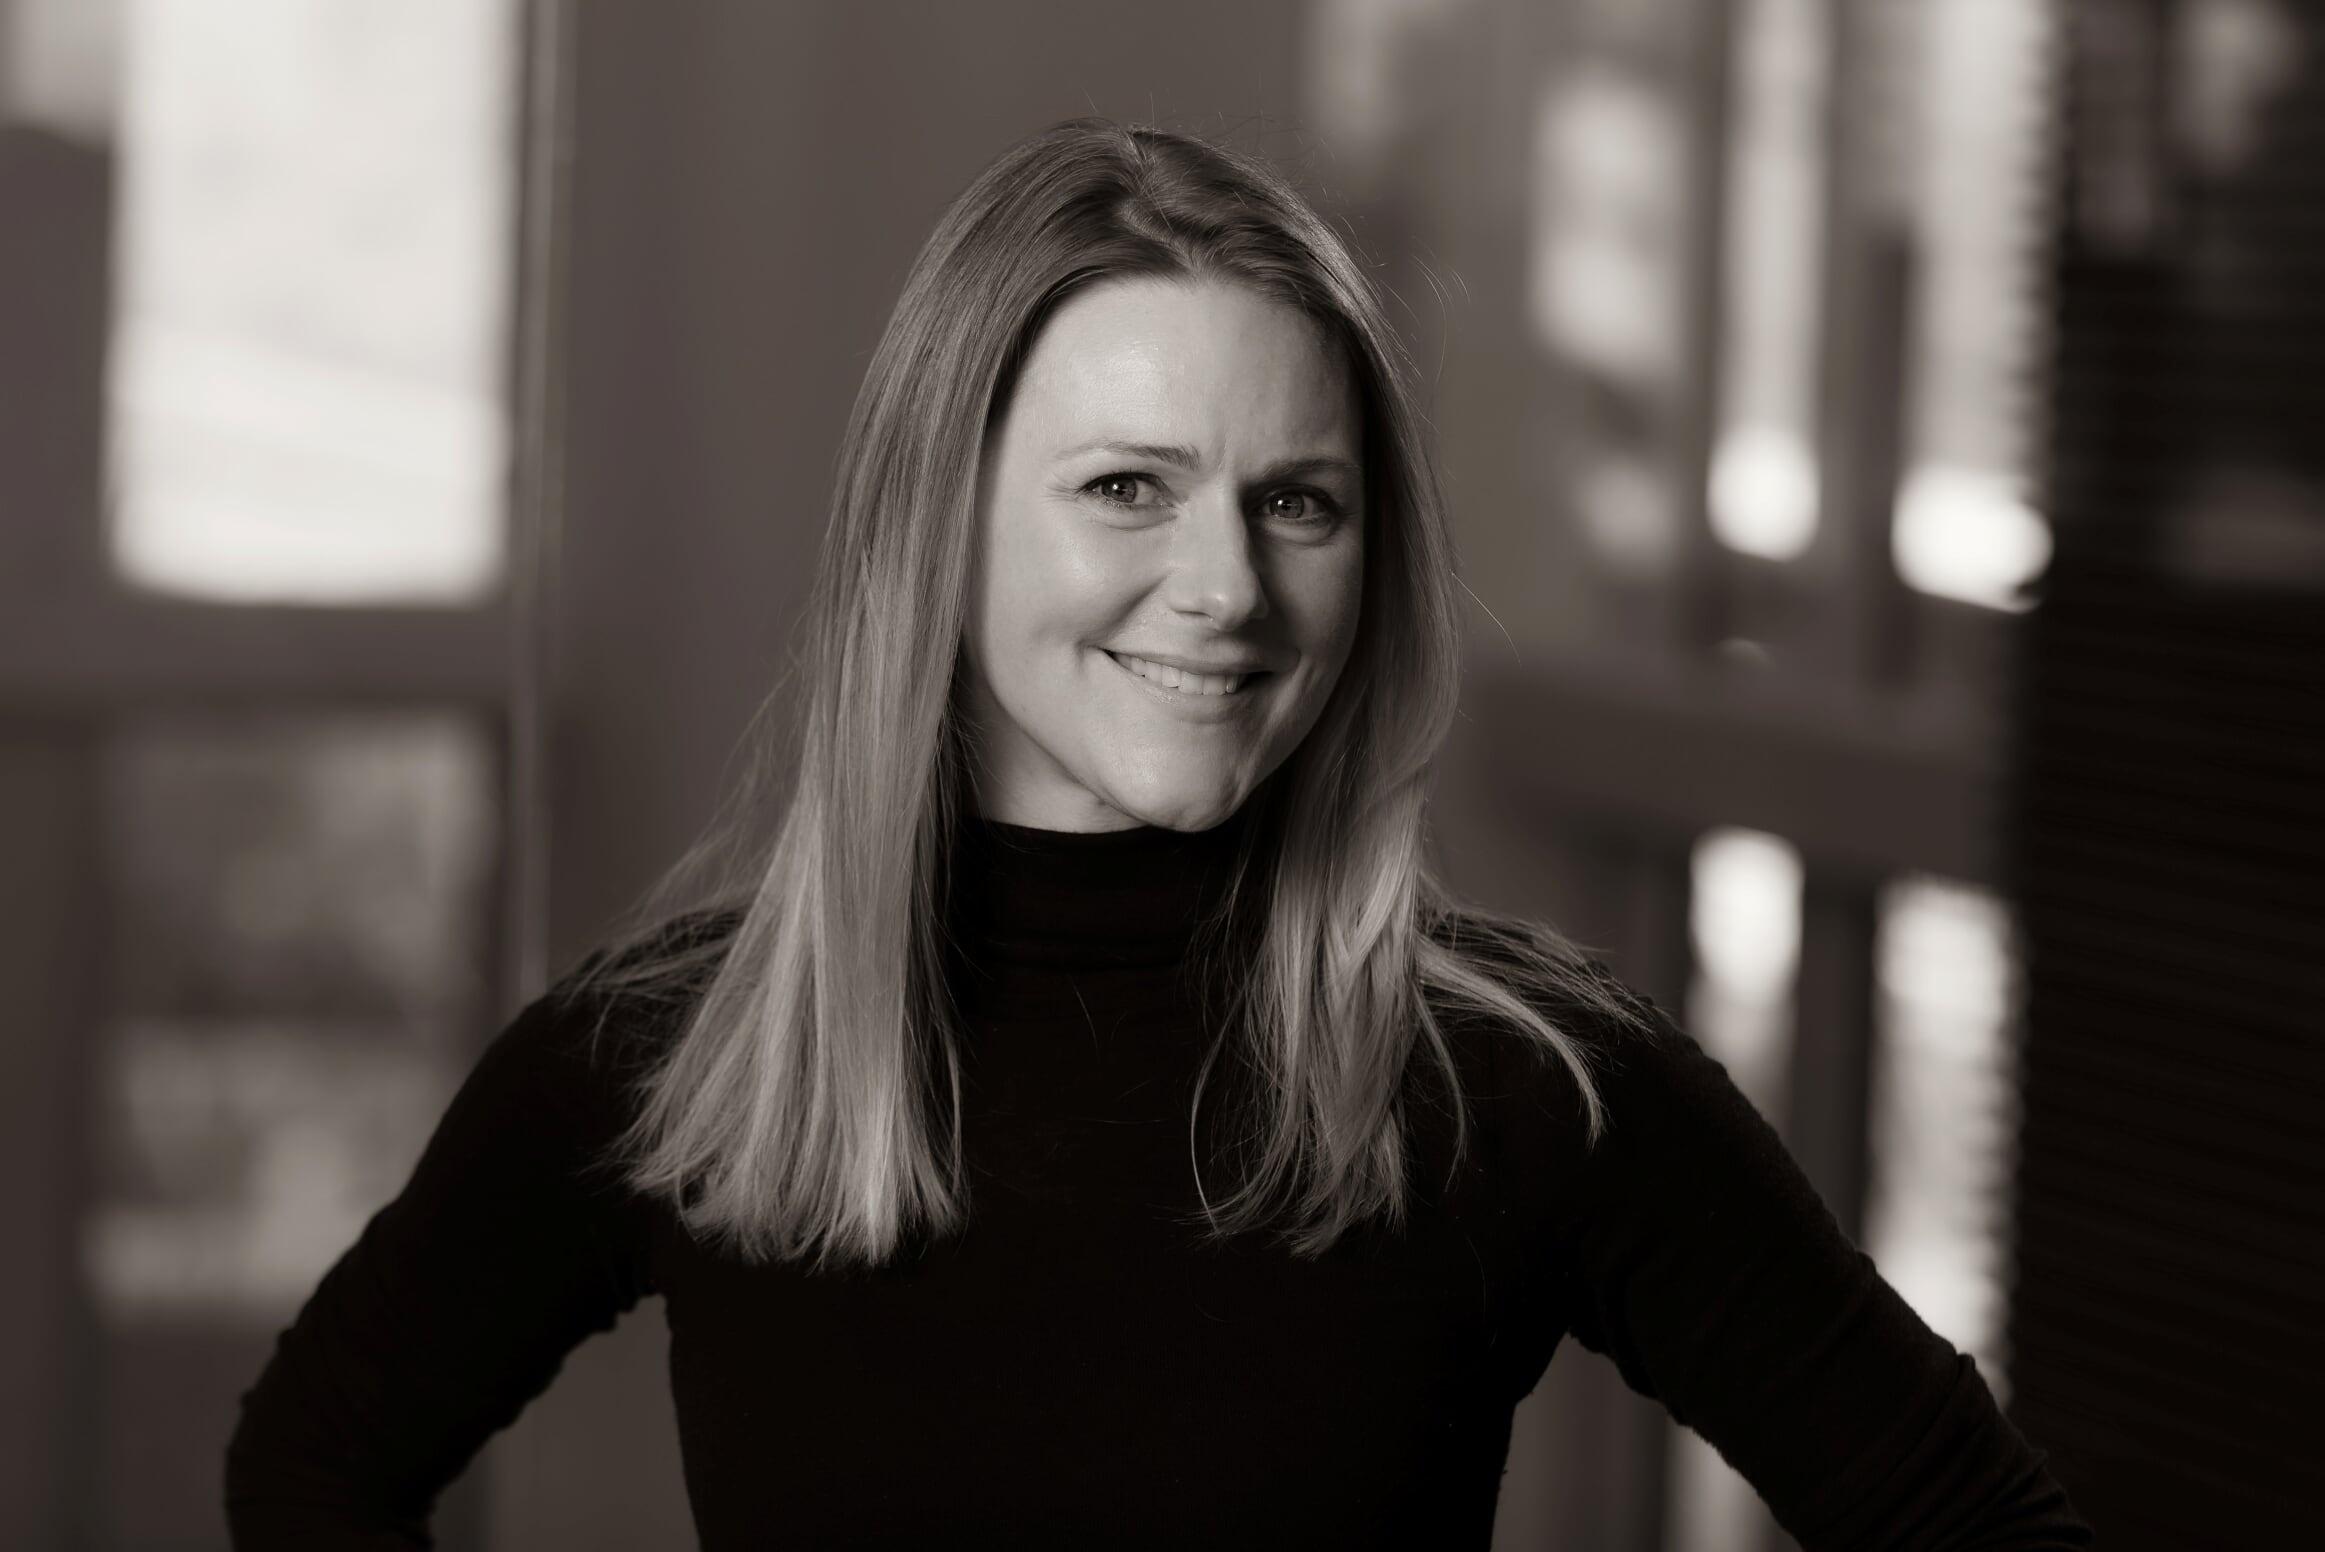 Paula J. Price